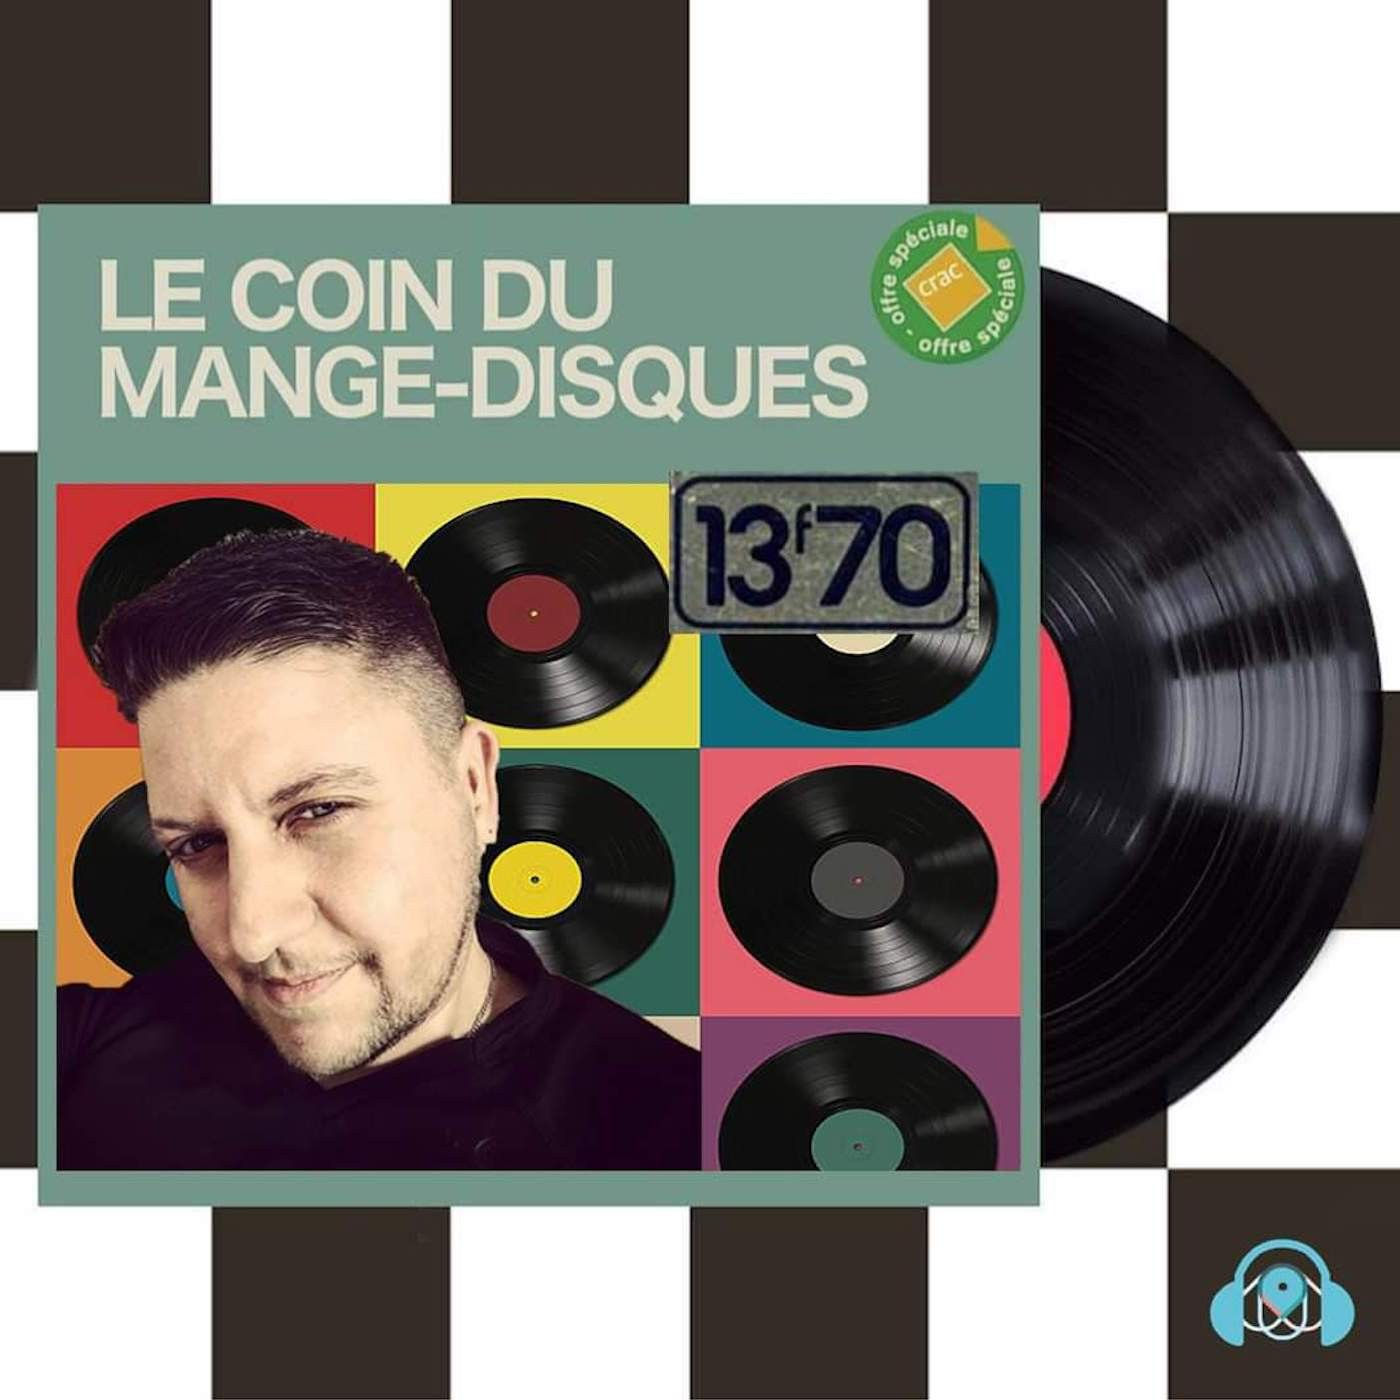 LE COIN DU MANGE-DISQUES S1E13 - Mesdames